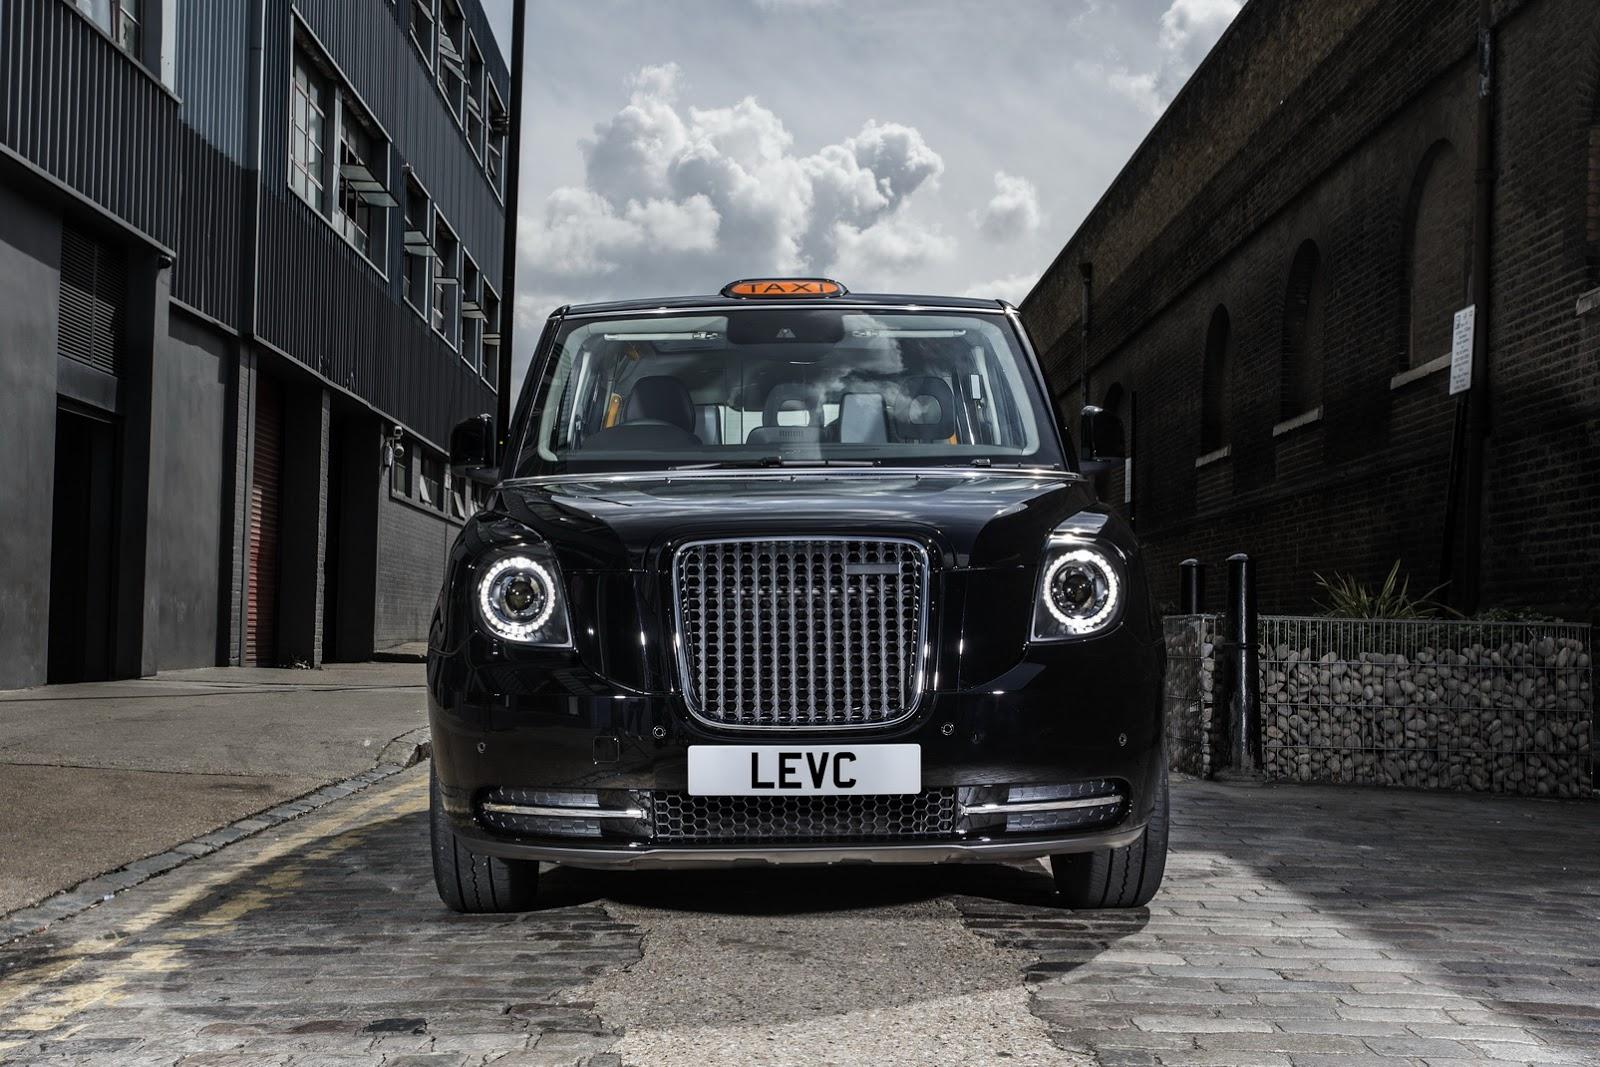 LEVC TX london ev taxi (3)